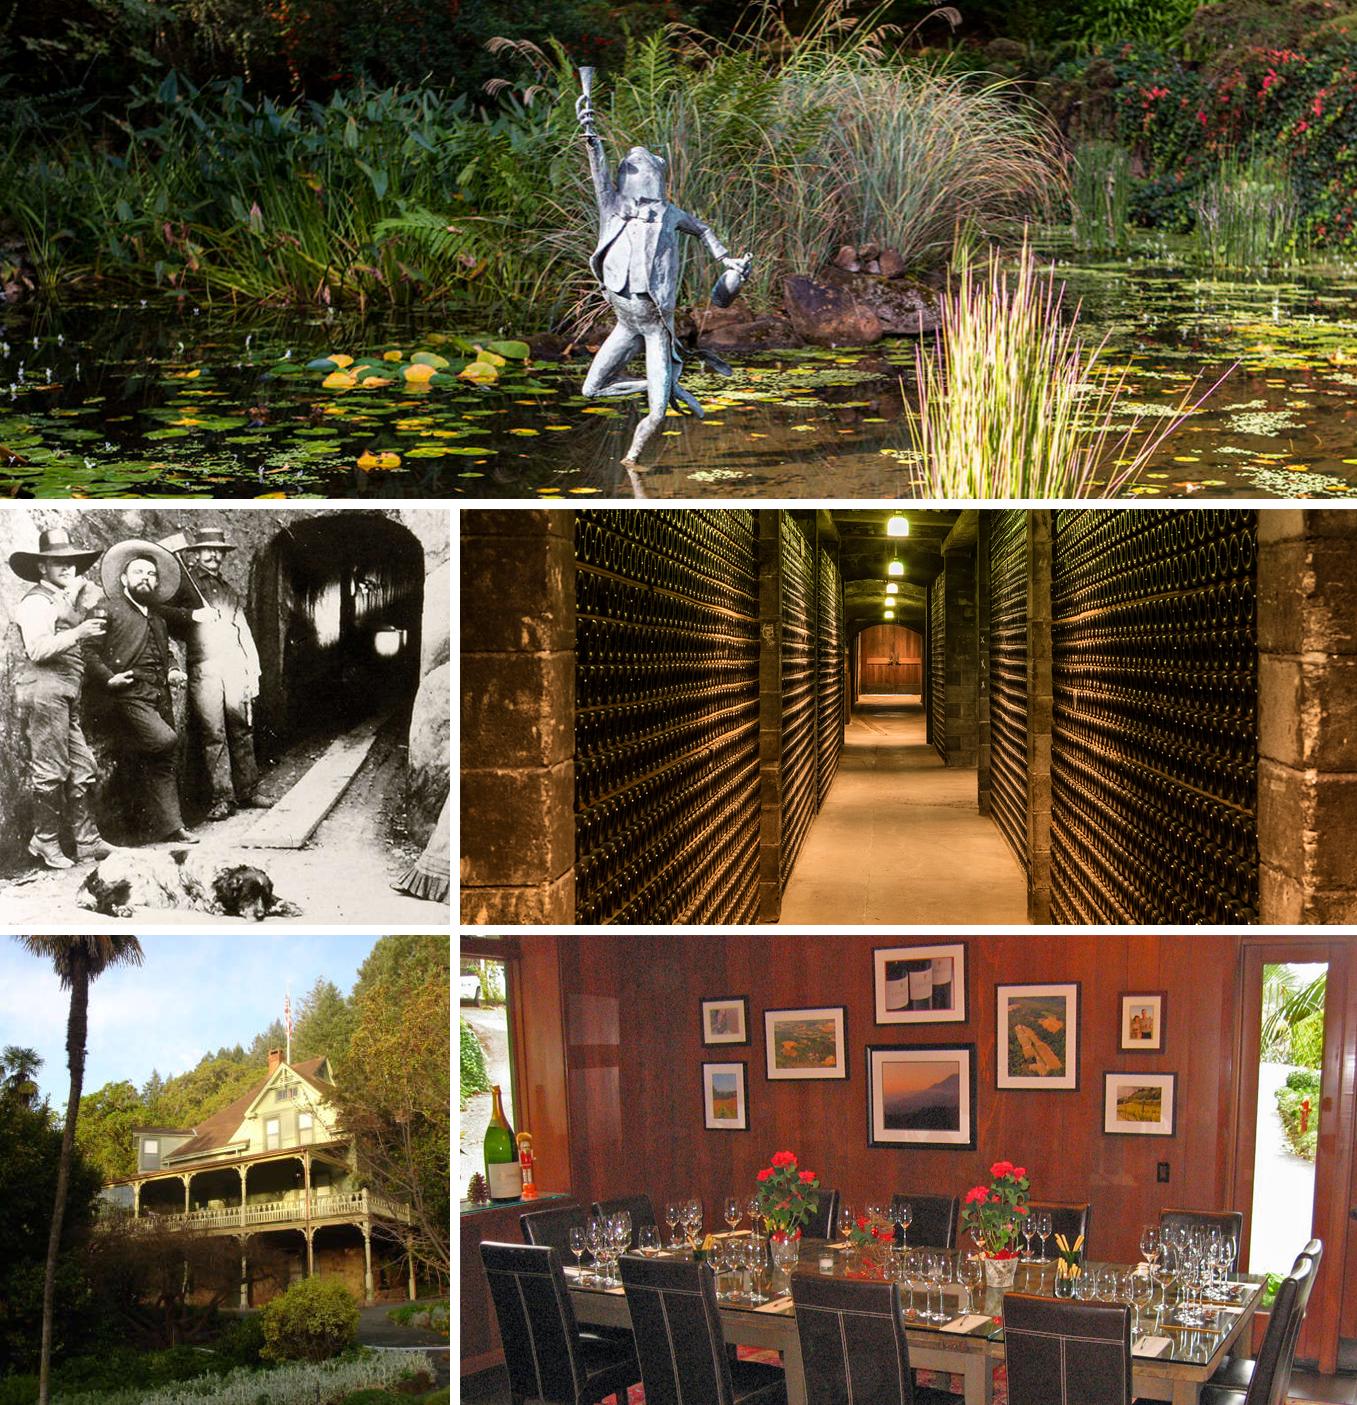 Schramsberg frog pond,caves1,caves2,Historic Schramsberg House,Schramsberg tasting room